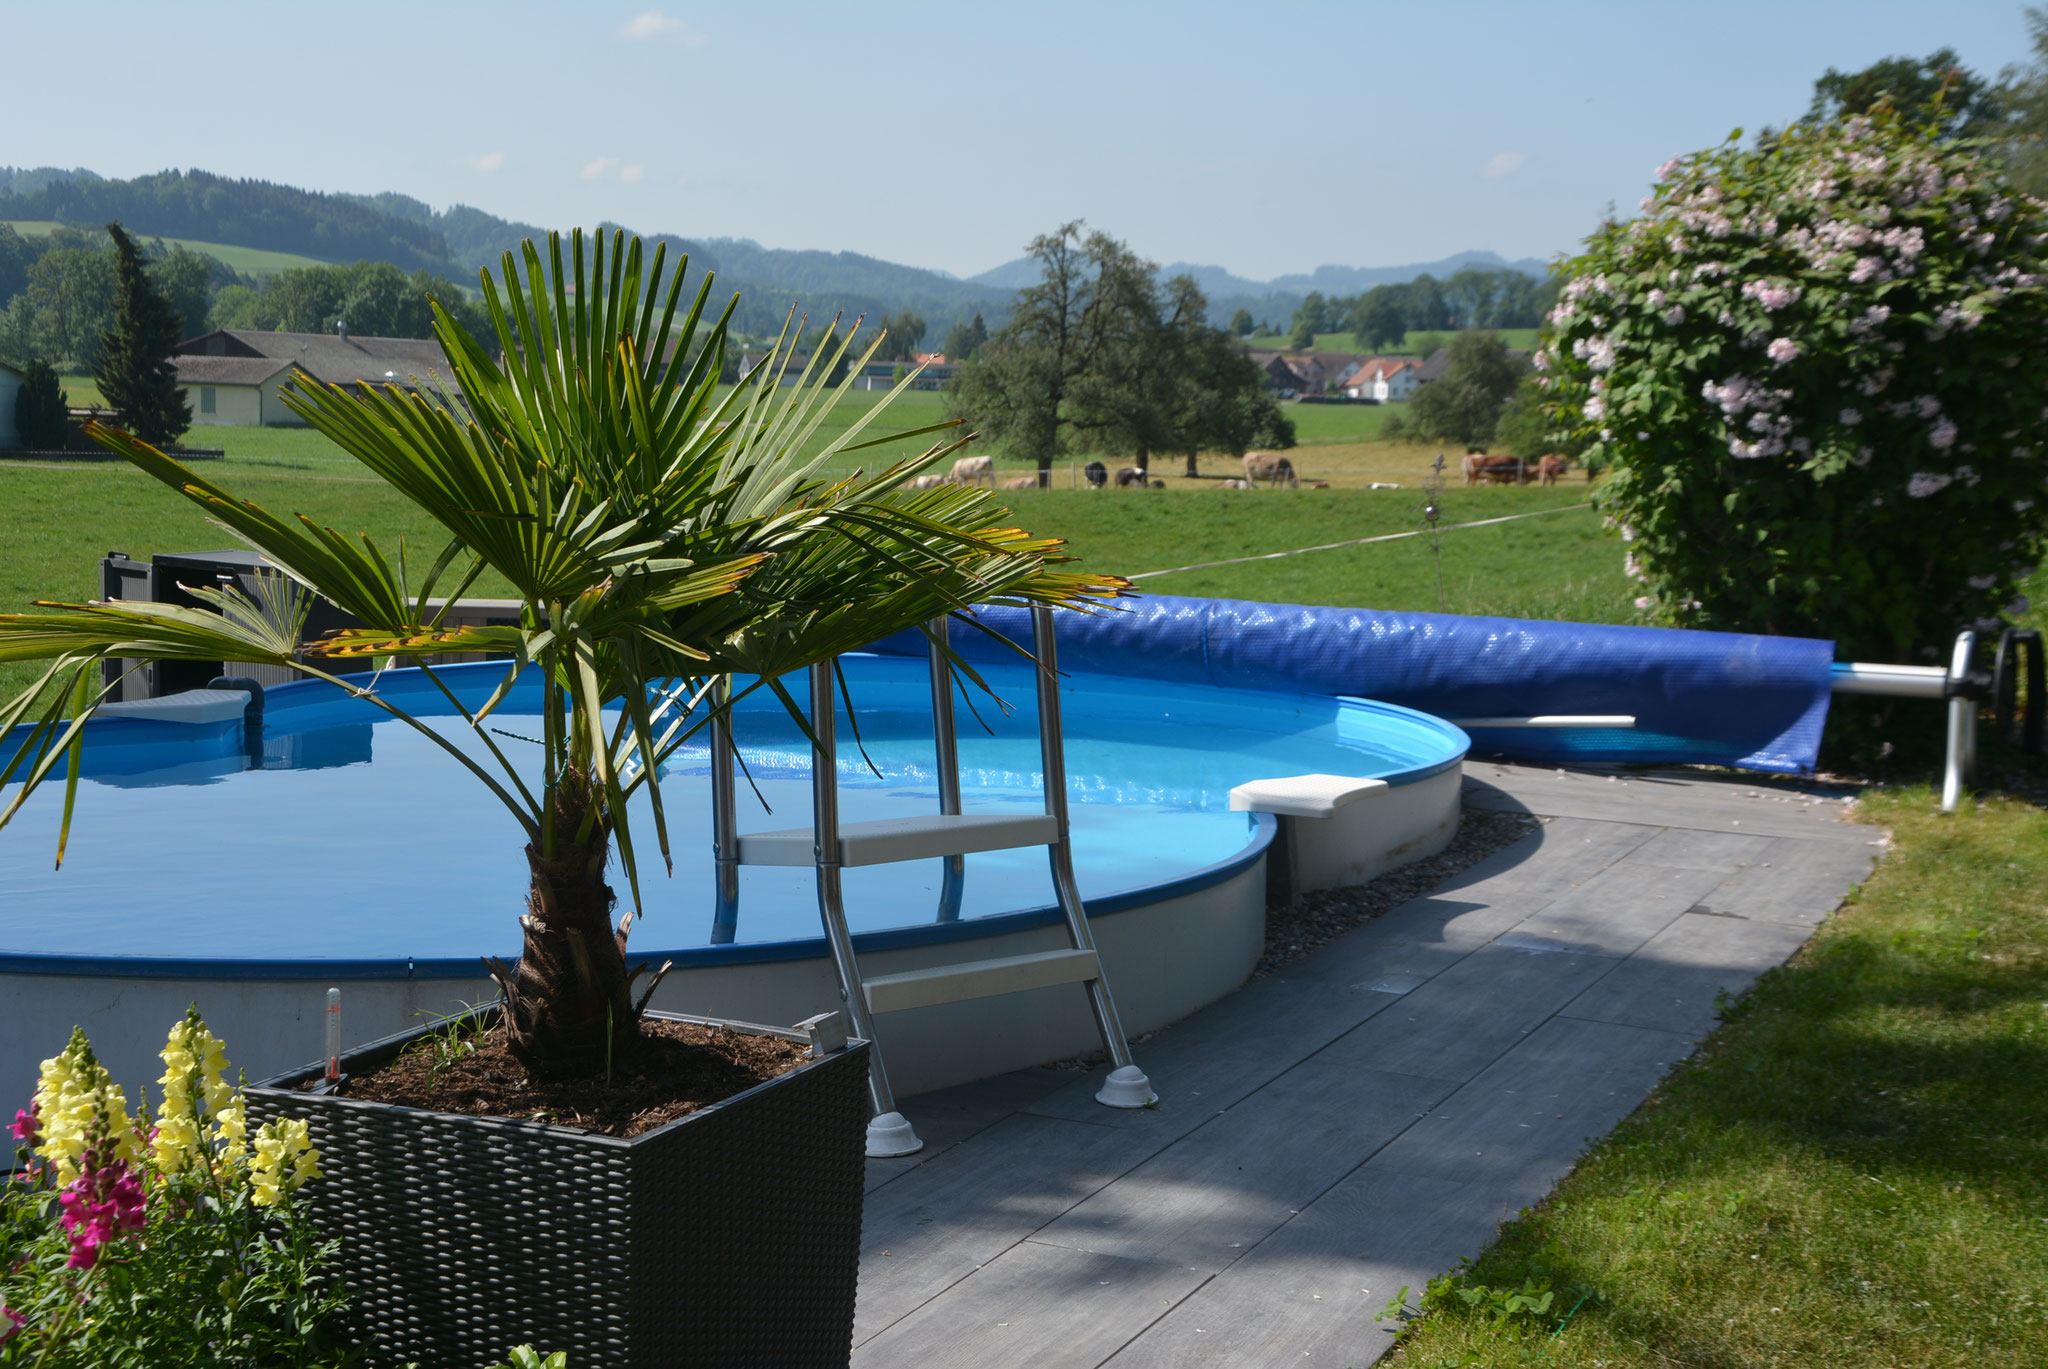 Geheizter Swimming-Pool (26 Grad), ab ca. Anfang Mai bis ca. Ende August verfügbar